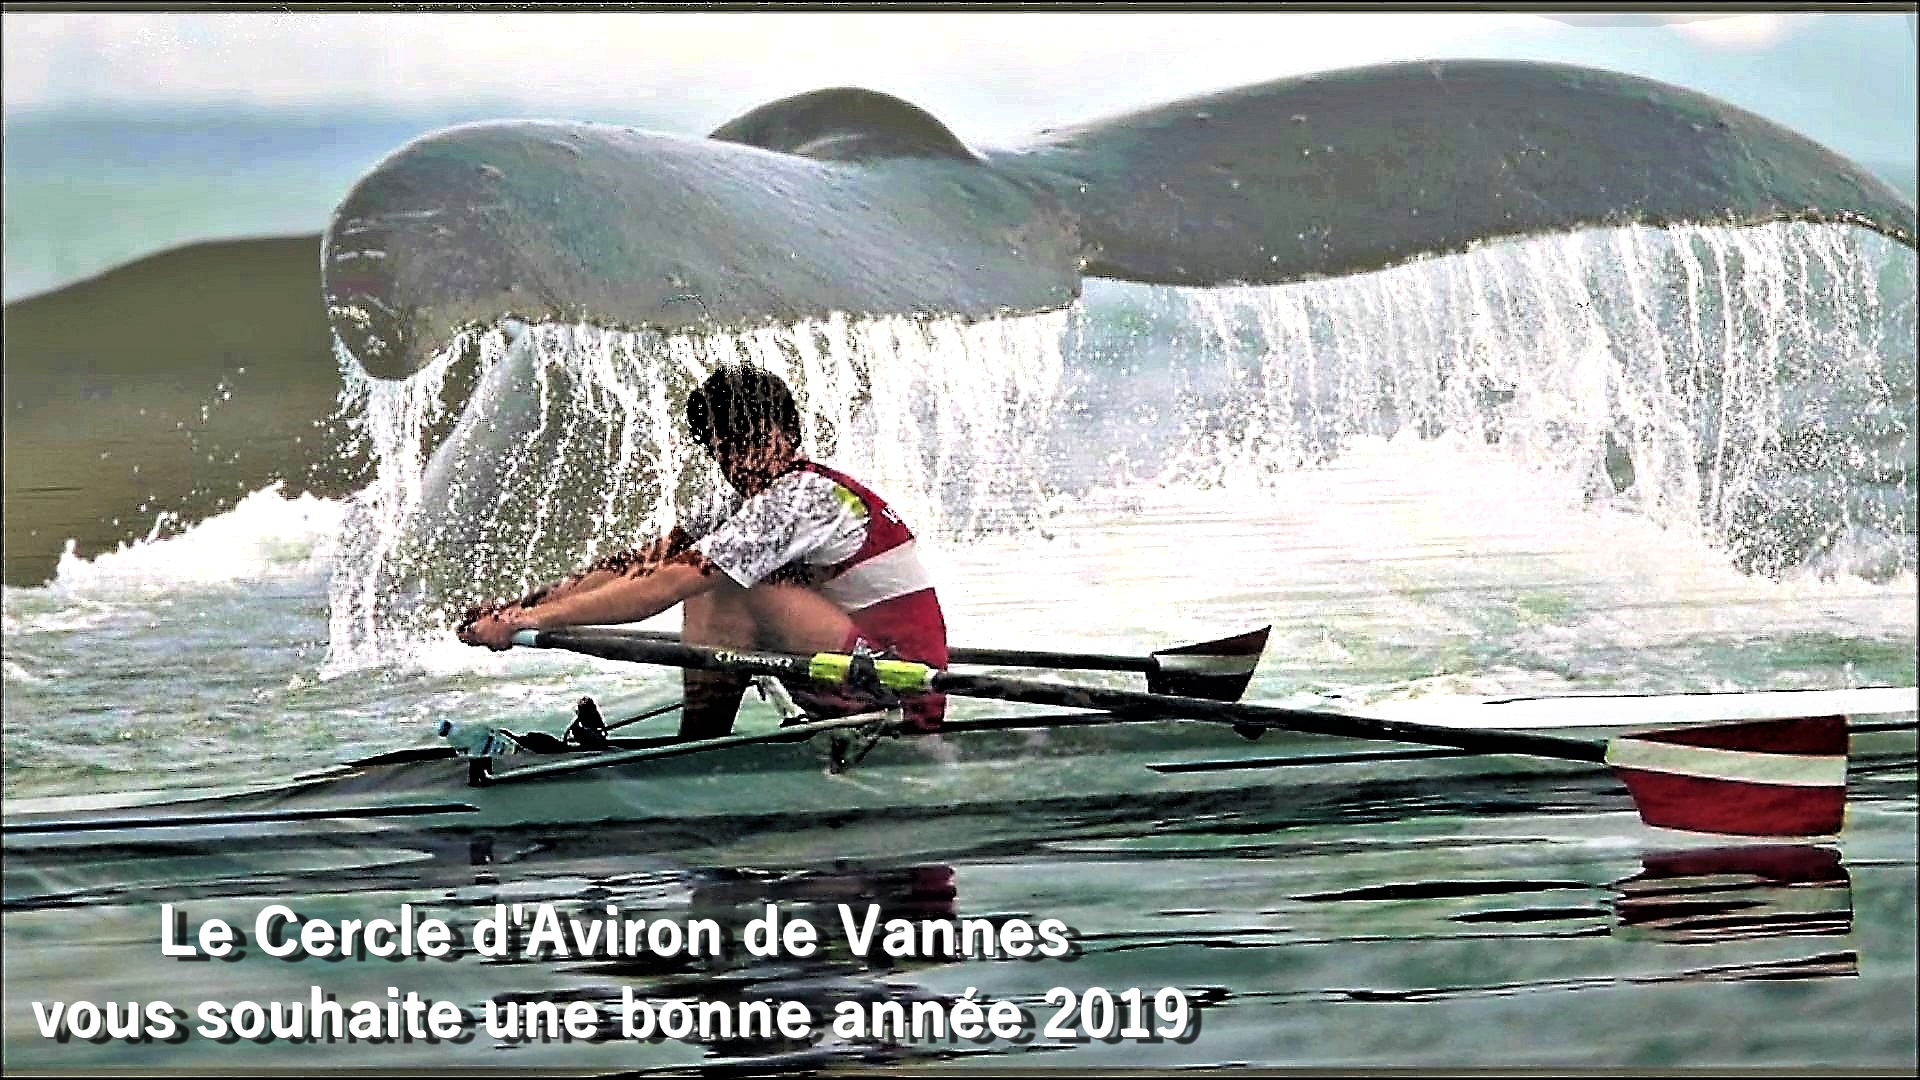 bonne année 2019 skiff